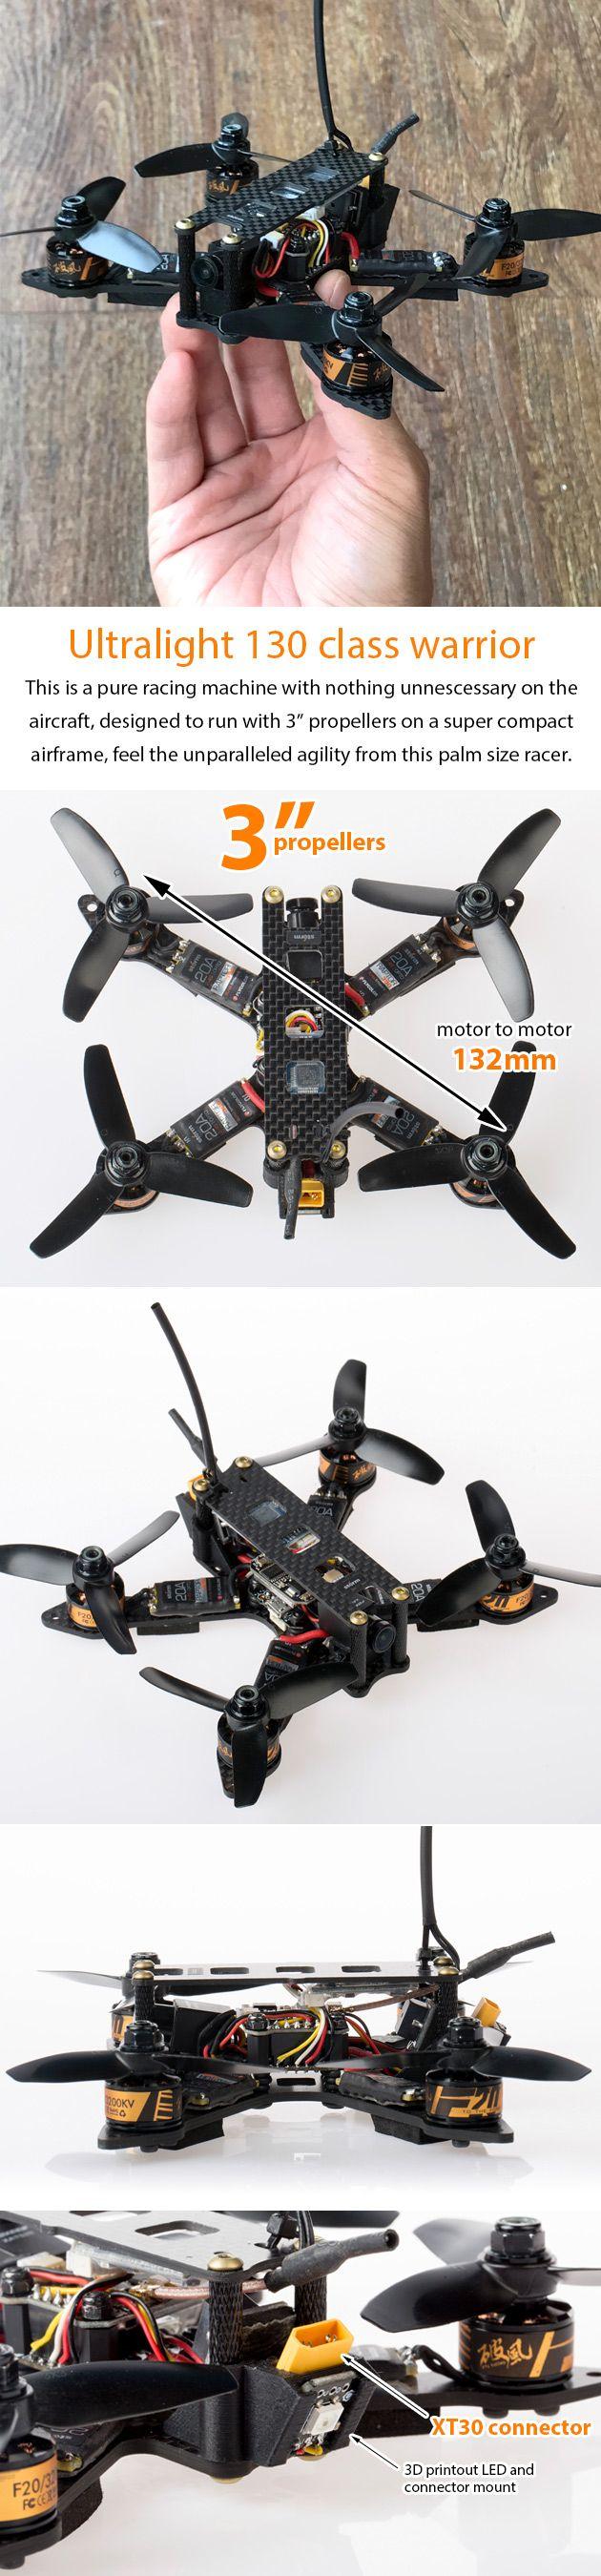 Fantastisch Fpv Quadcopter Schaltplan Zeitgenössisch - Schaltplan ...